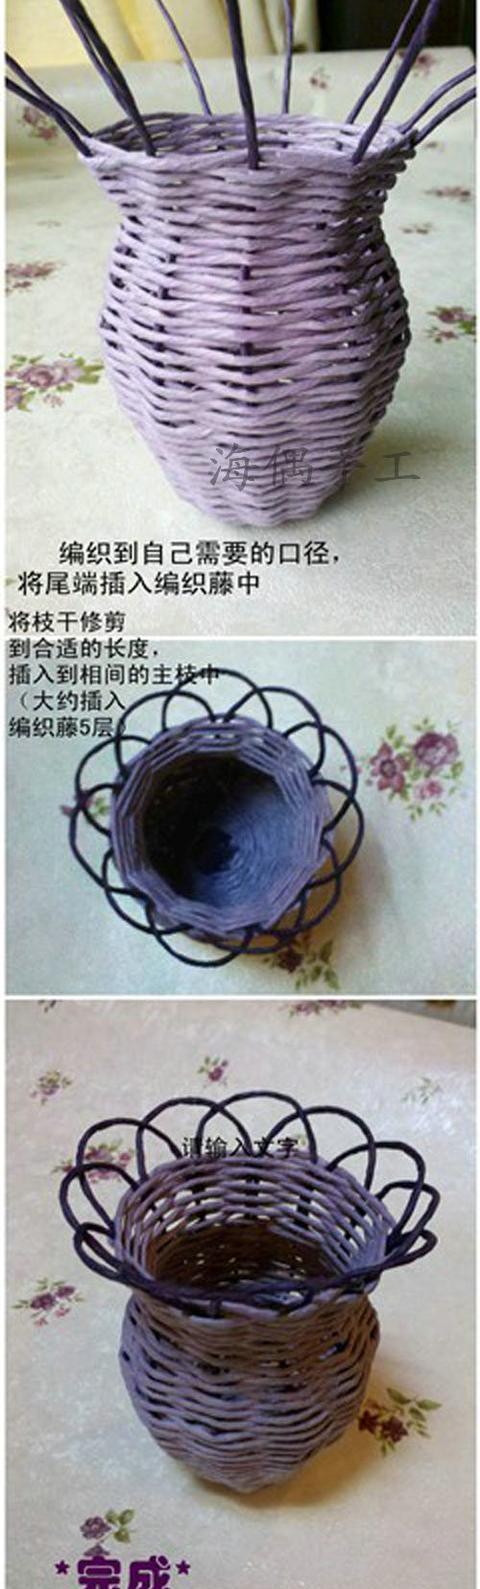 纸藤花篮手工编织教程